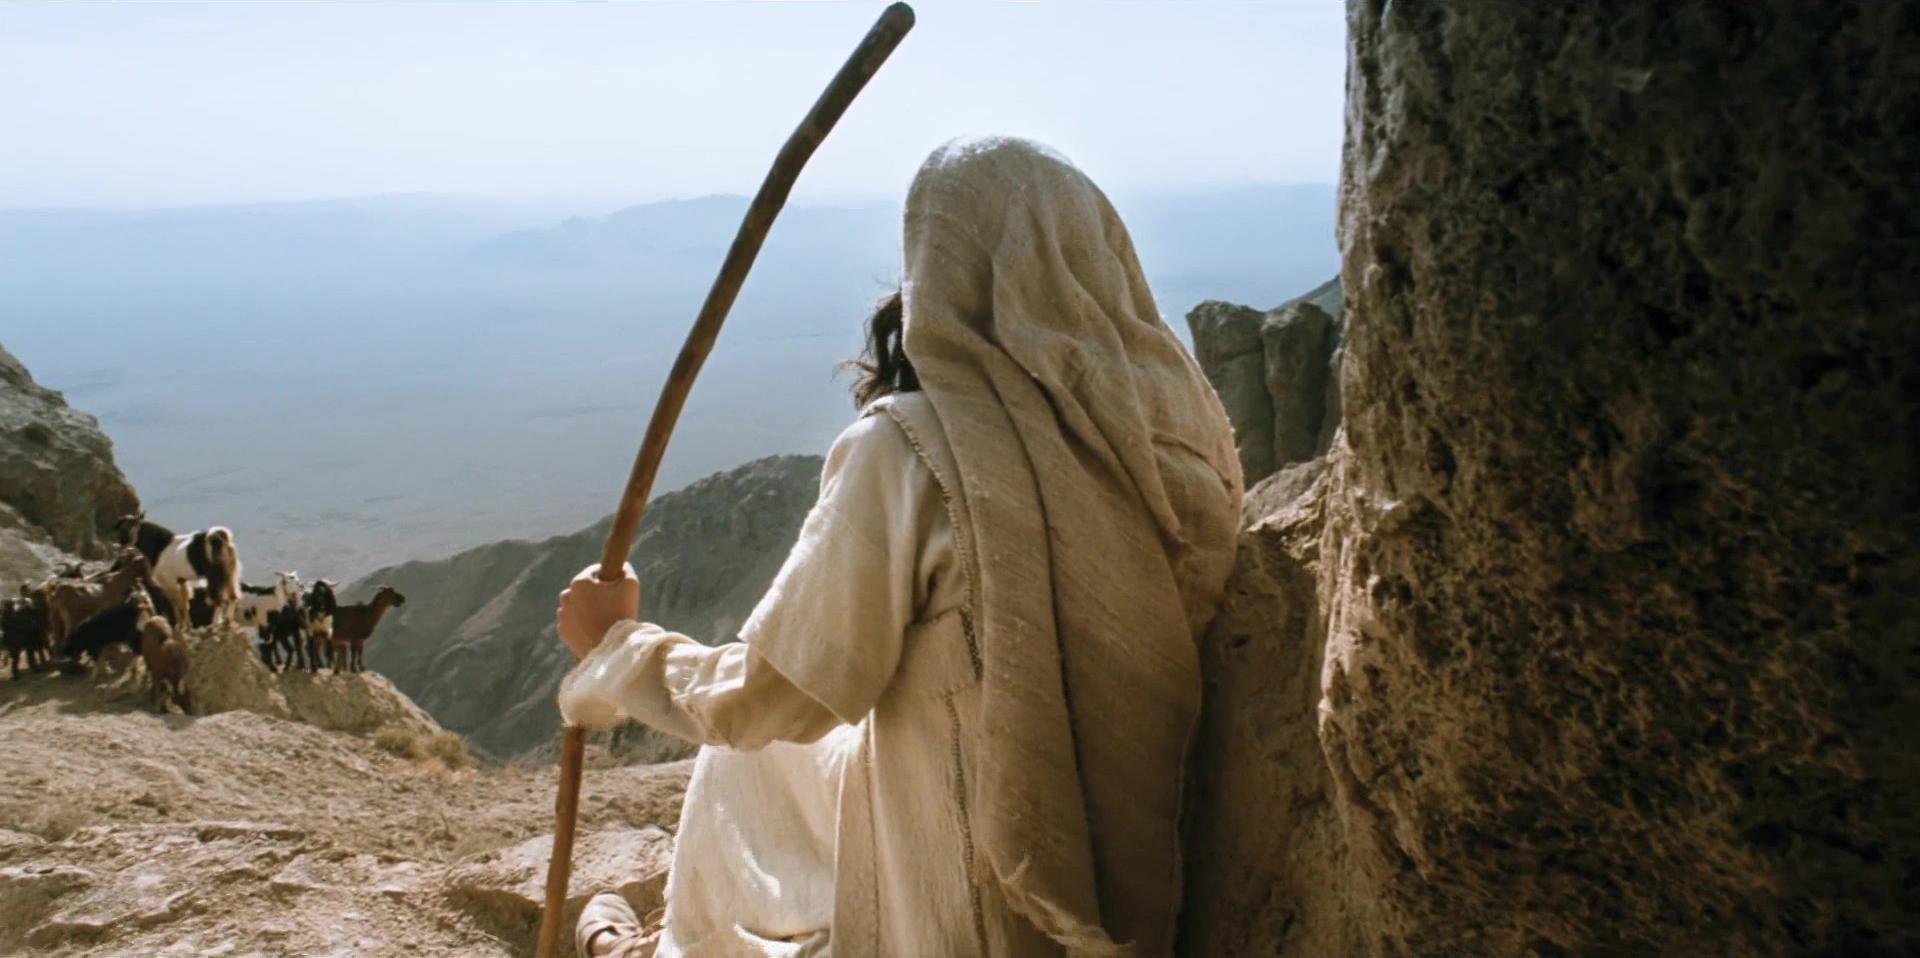 Poslanik, s.a.v.a., i čuvanje ovaca